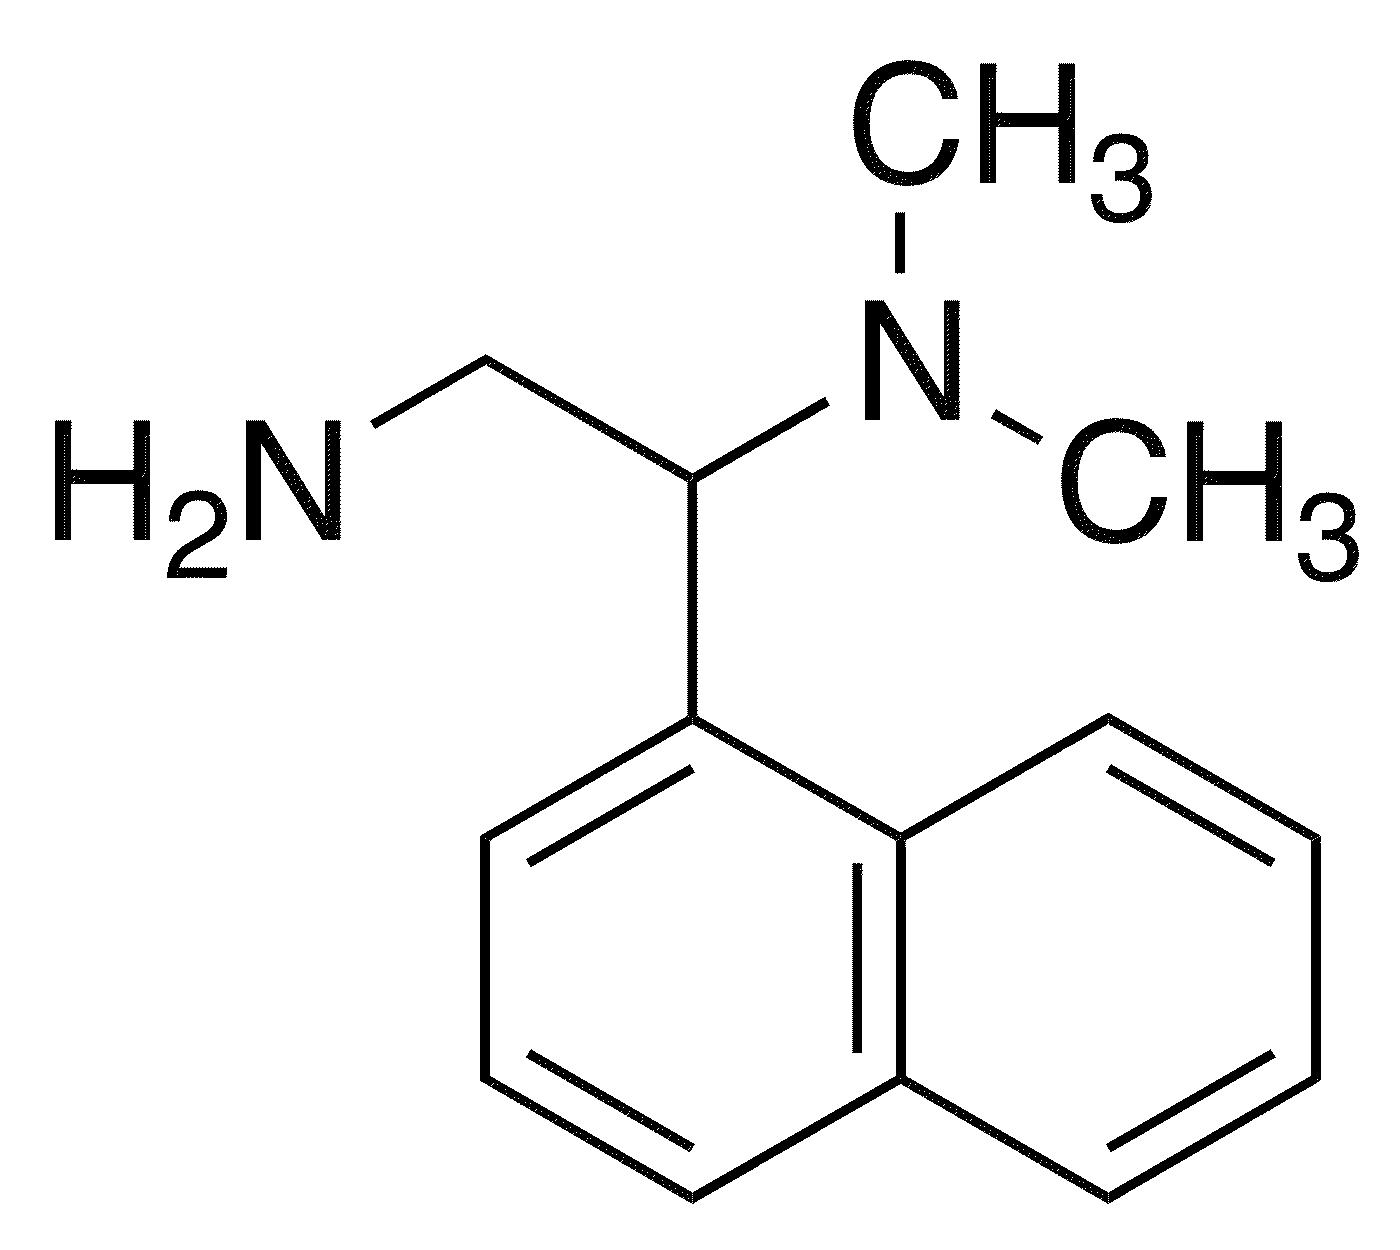 [2-Amino-1-(naphthalen-1-yl)ethyl]dimethylamine